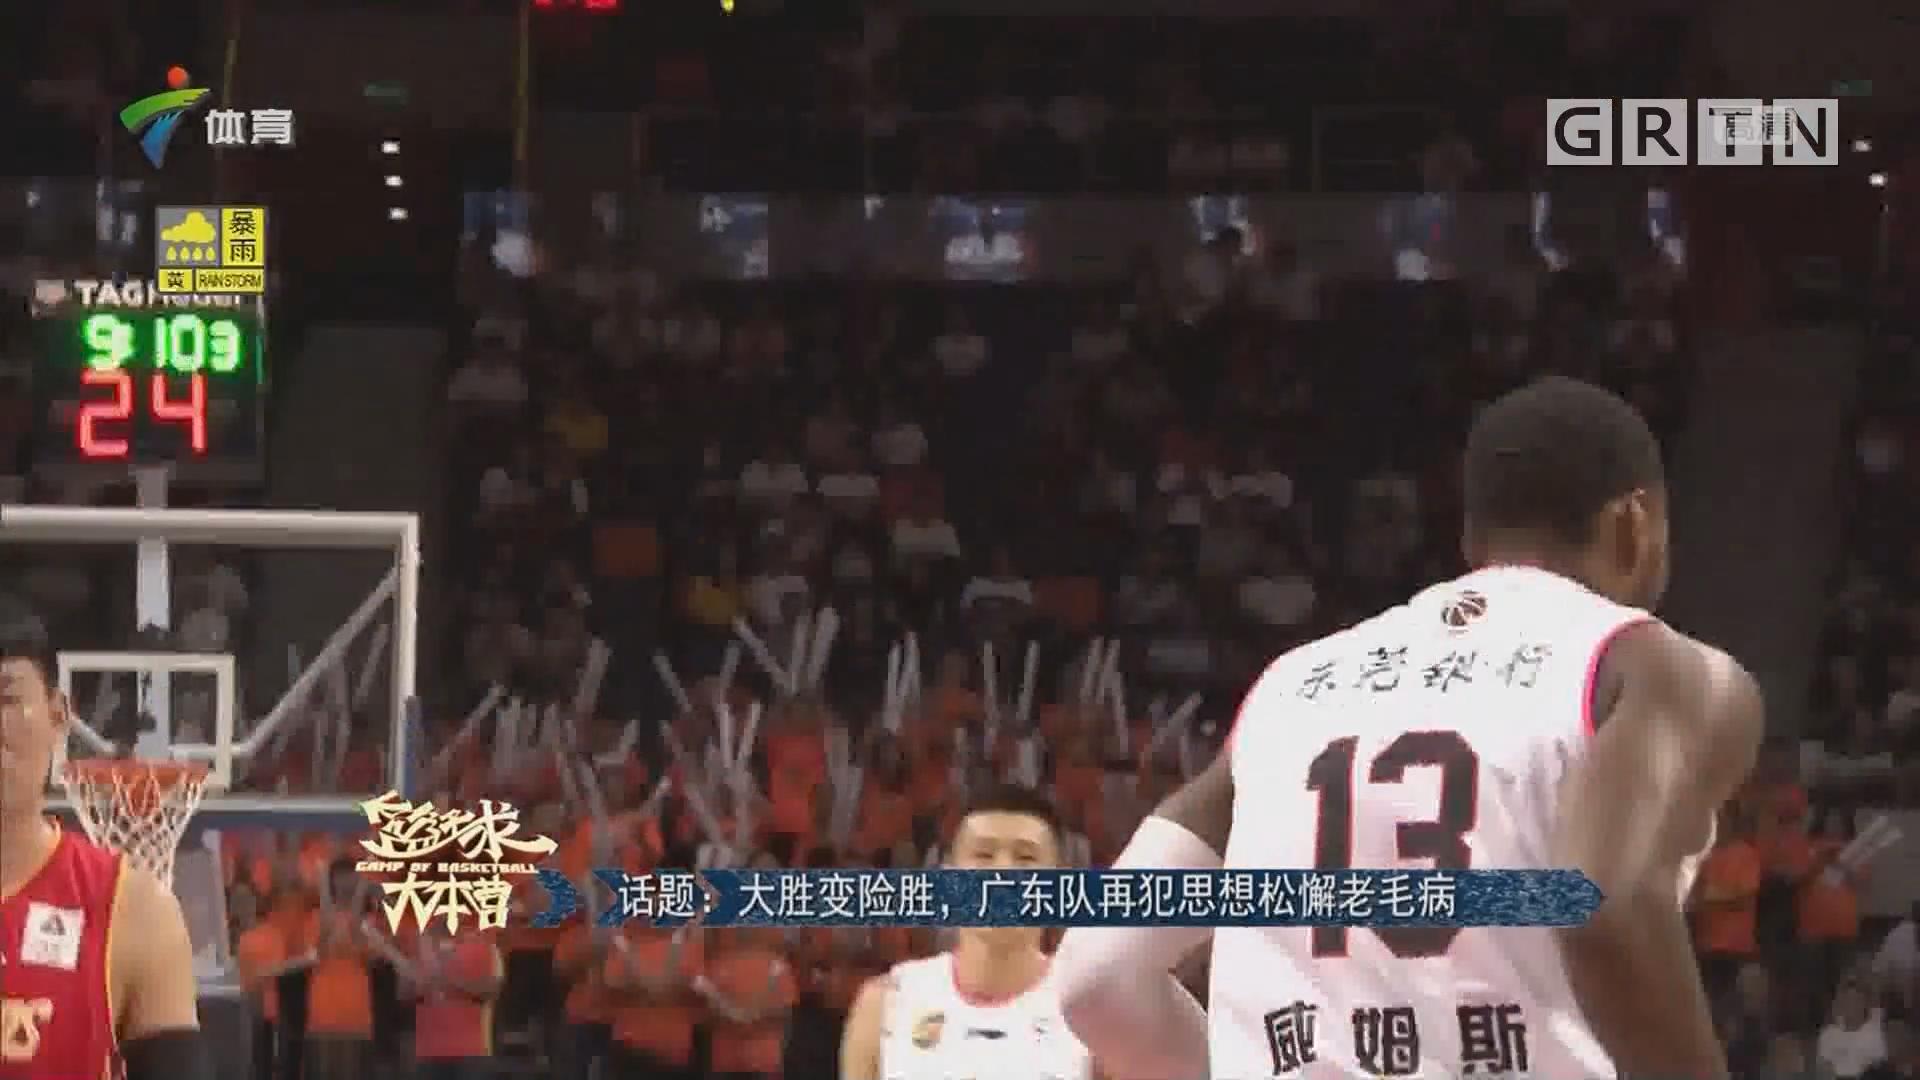 话题:大胜变险胜 广东队再犯思想松懈老毛病